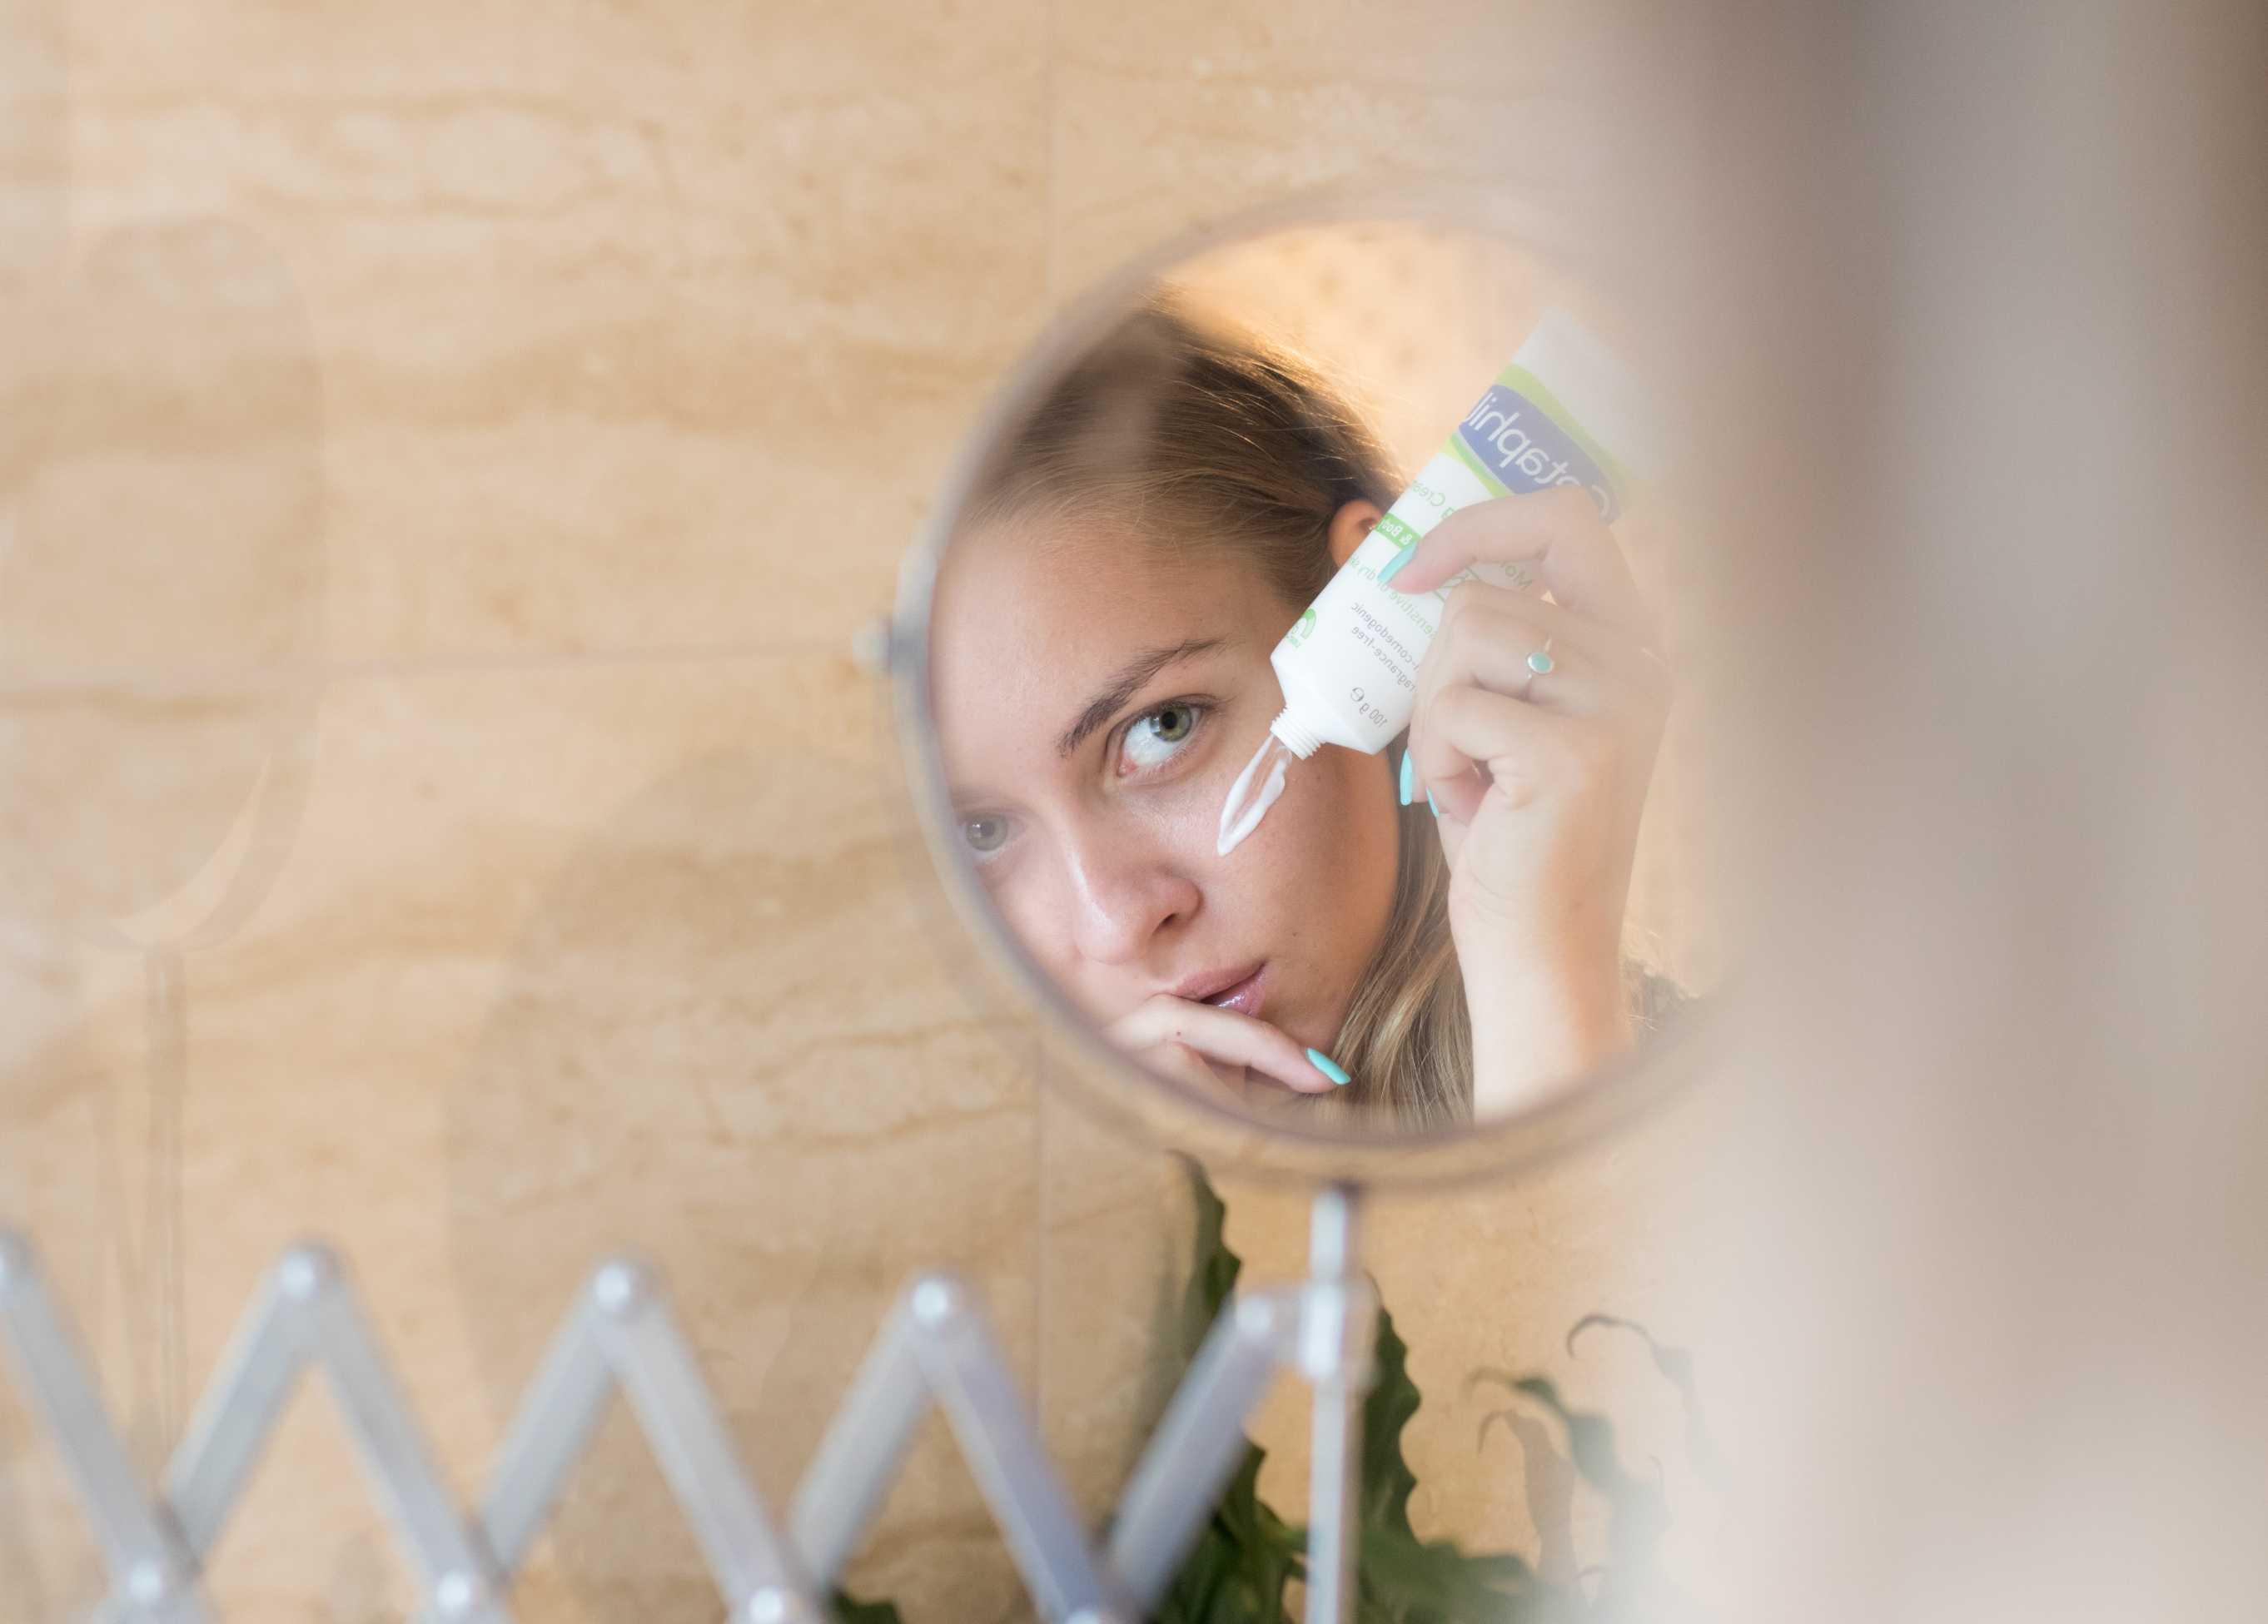 Ένα απαλό, ενυδατικό toner λειτουργεί ως καταπραϋντικό μετά τον καθαρισμό του προσώπου σας.